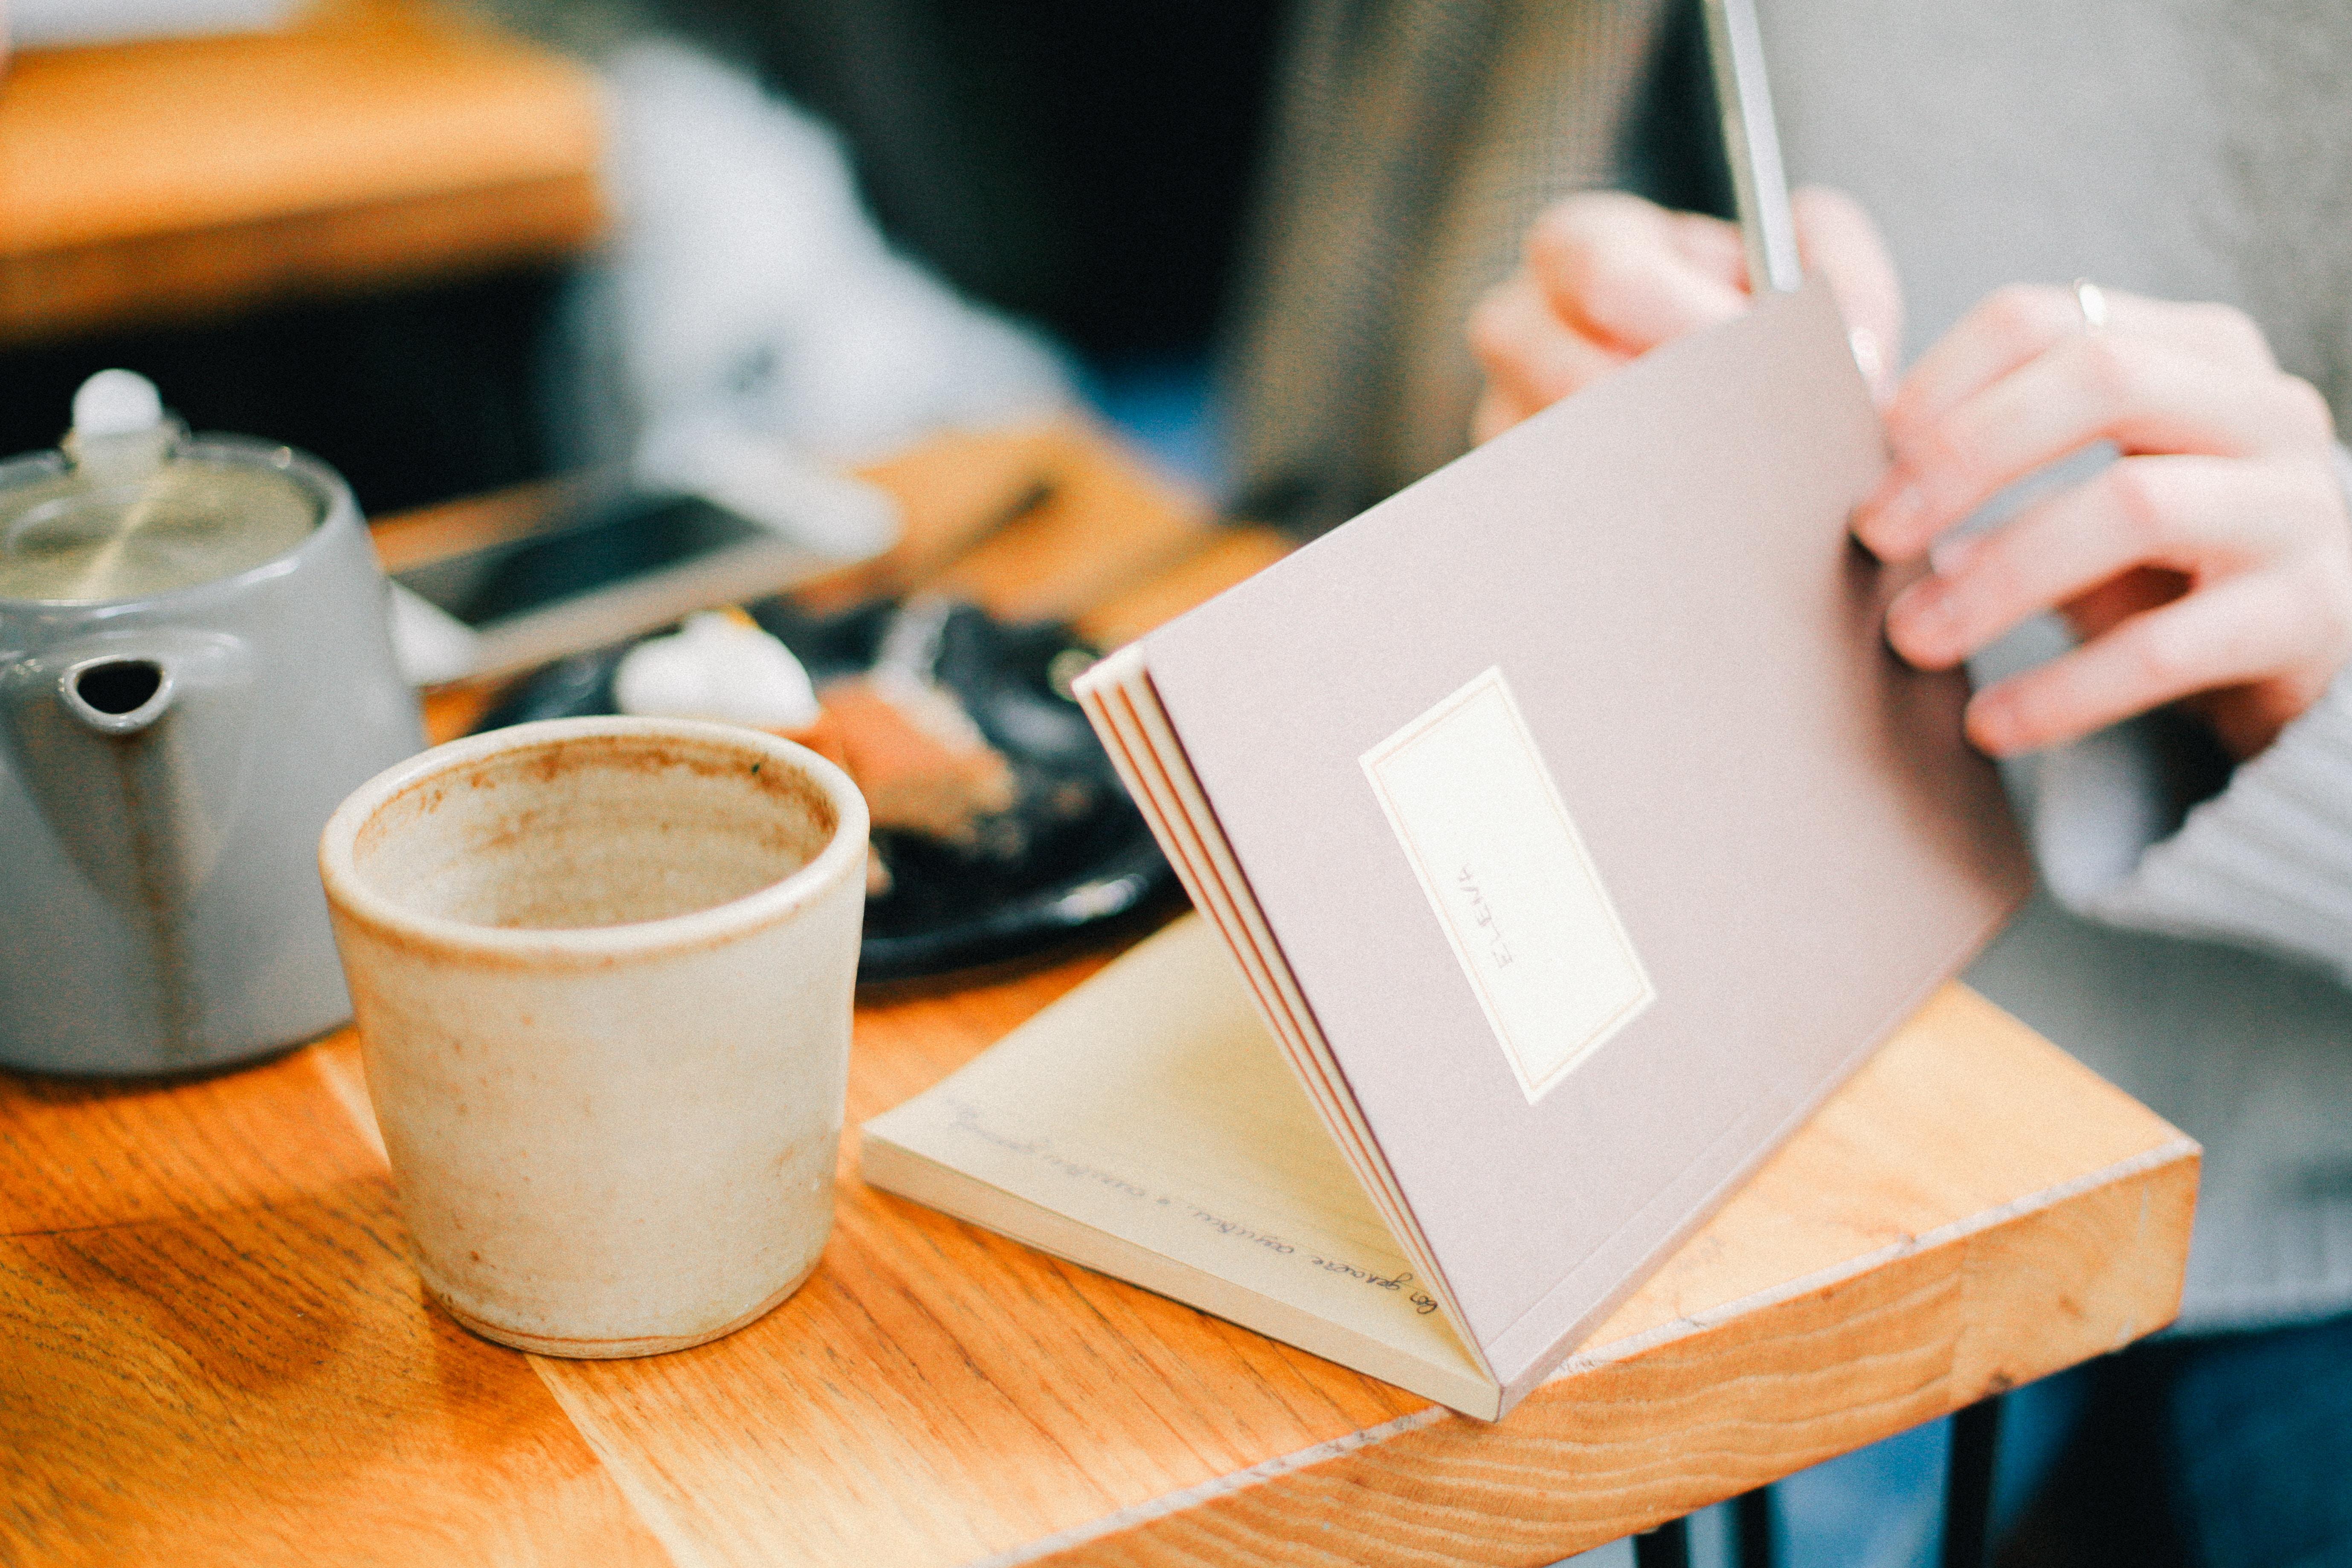 Crie o hábito de anotar as ideias que surgem nos momentos de ócio criativo!